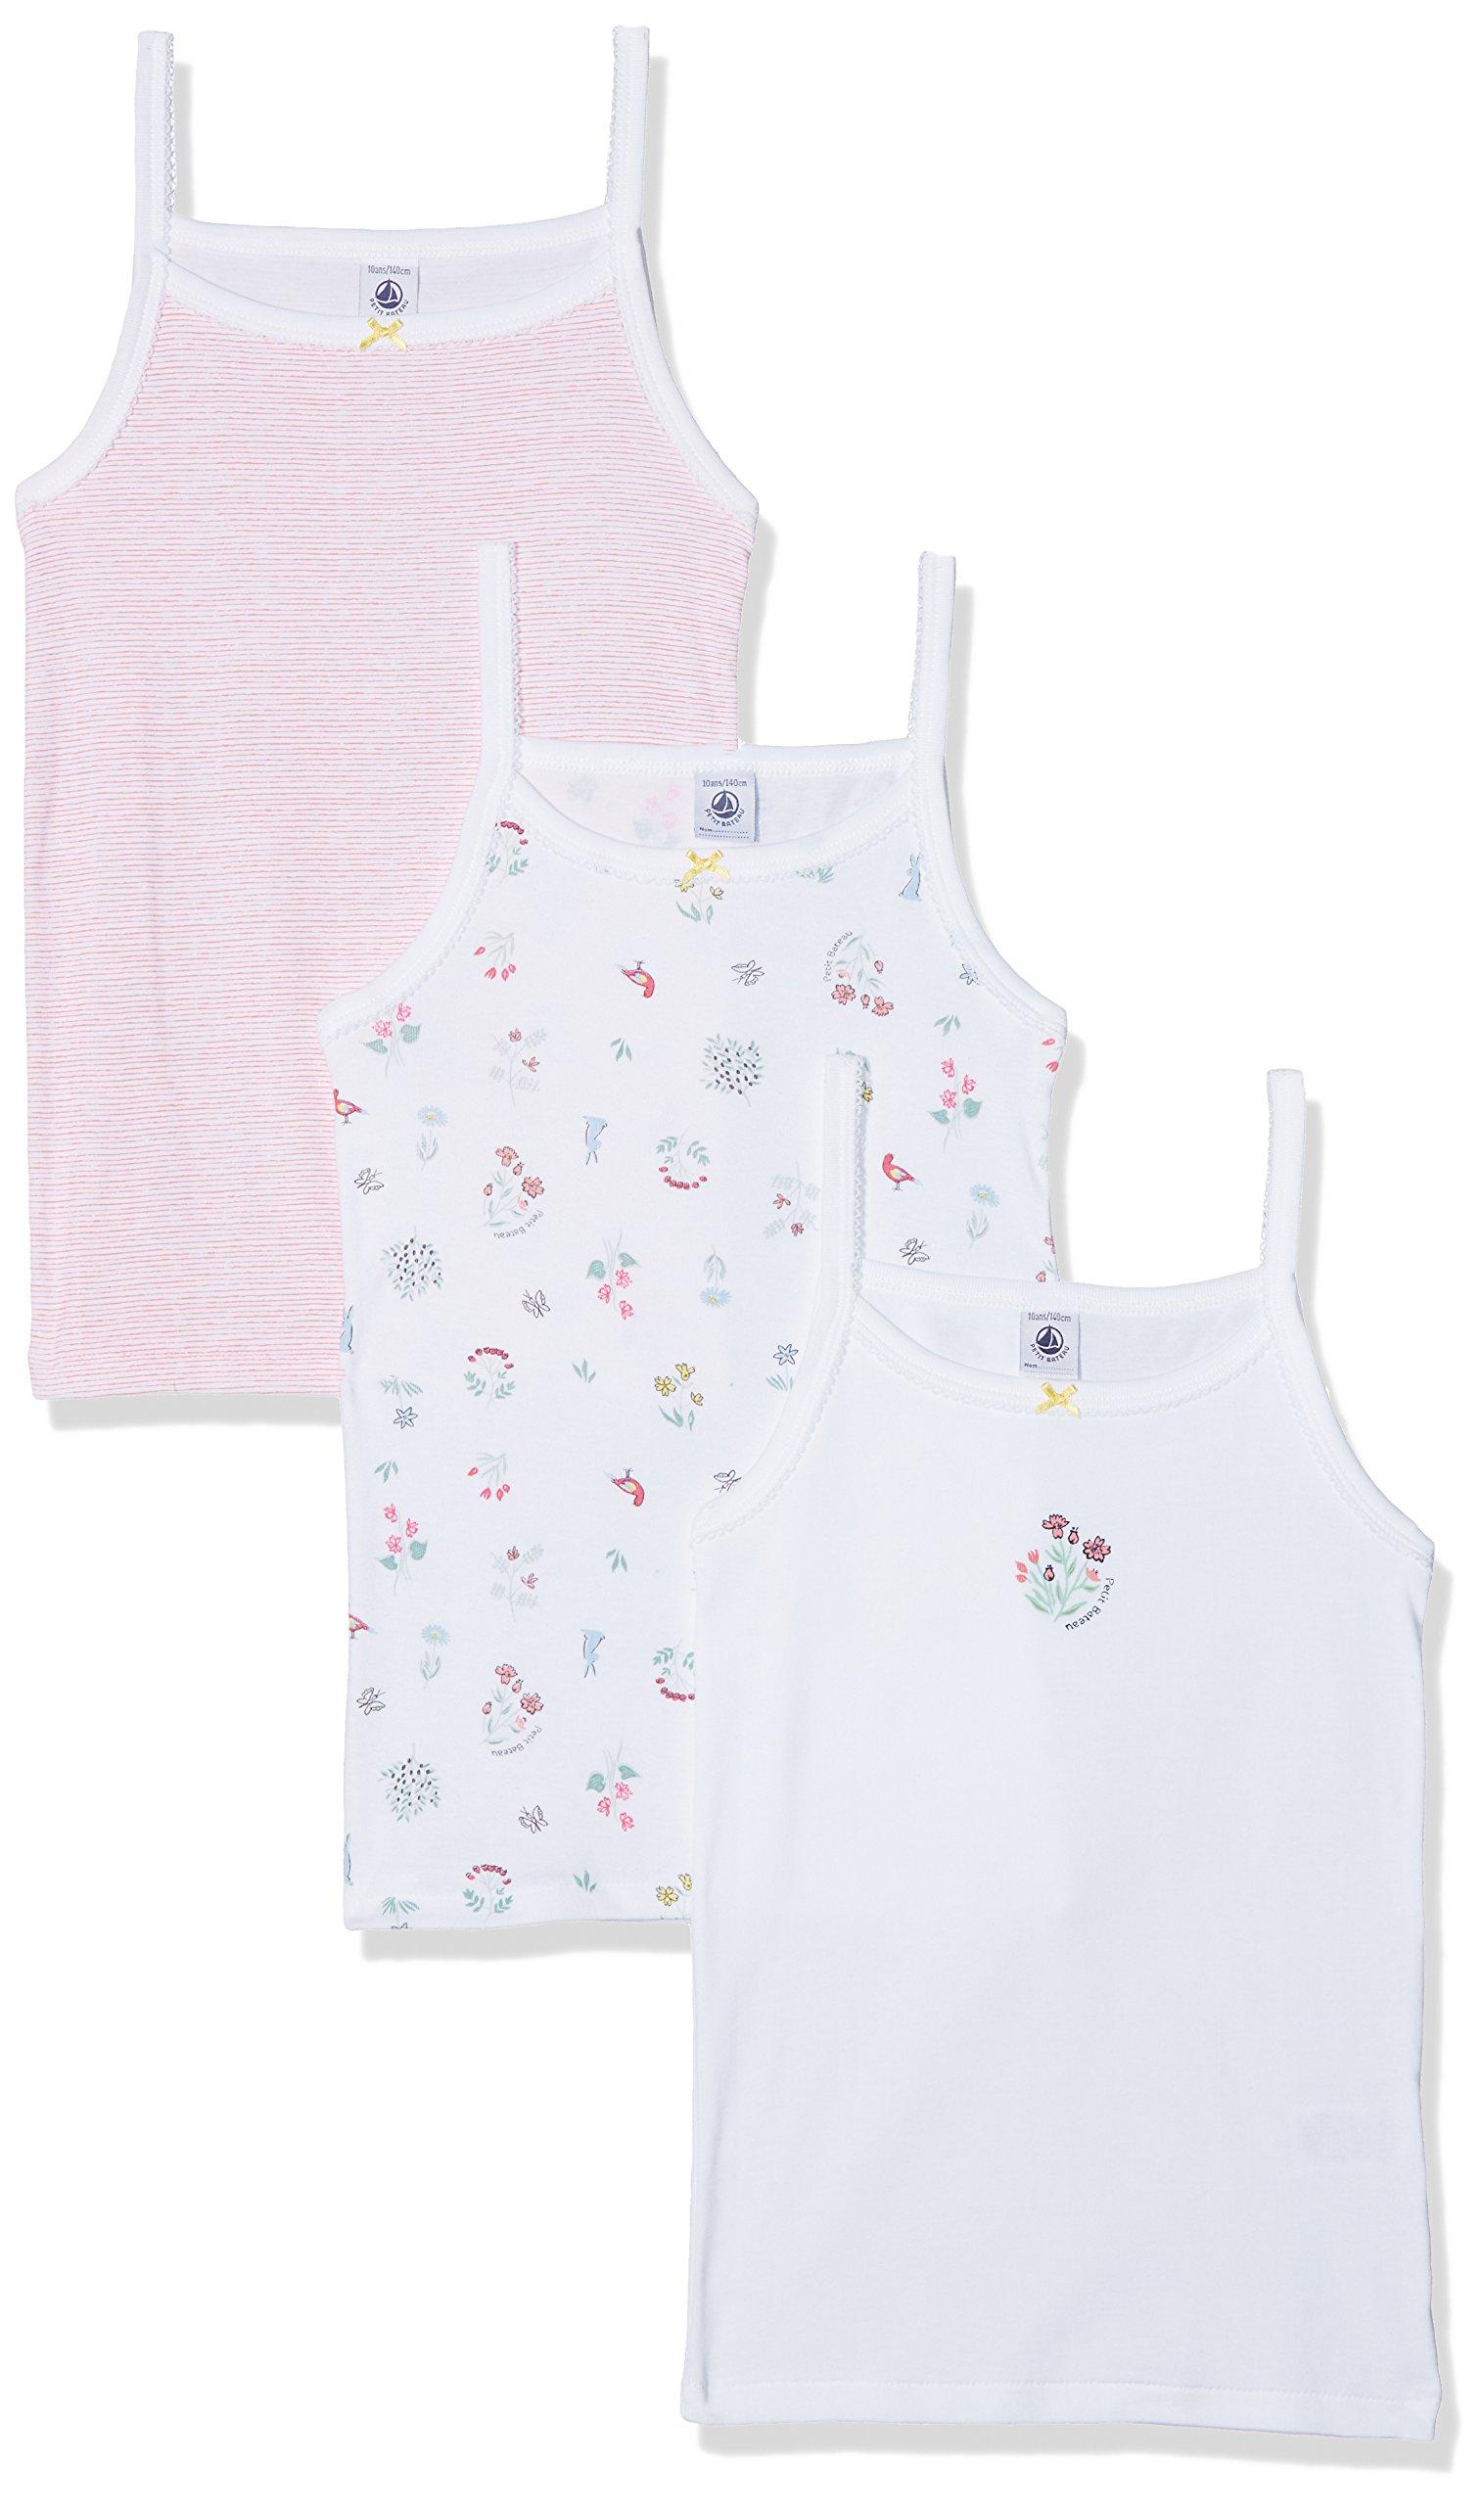 Petit Bateau Set of 3 Girls Sleeveless Camisoles-Undershirt Style 28737 Sizes 2-14 (Size 6 Style 28737 Girls TOP)